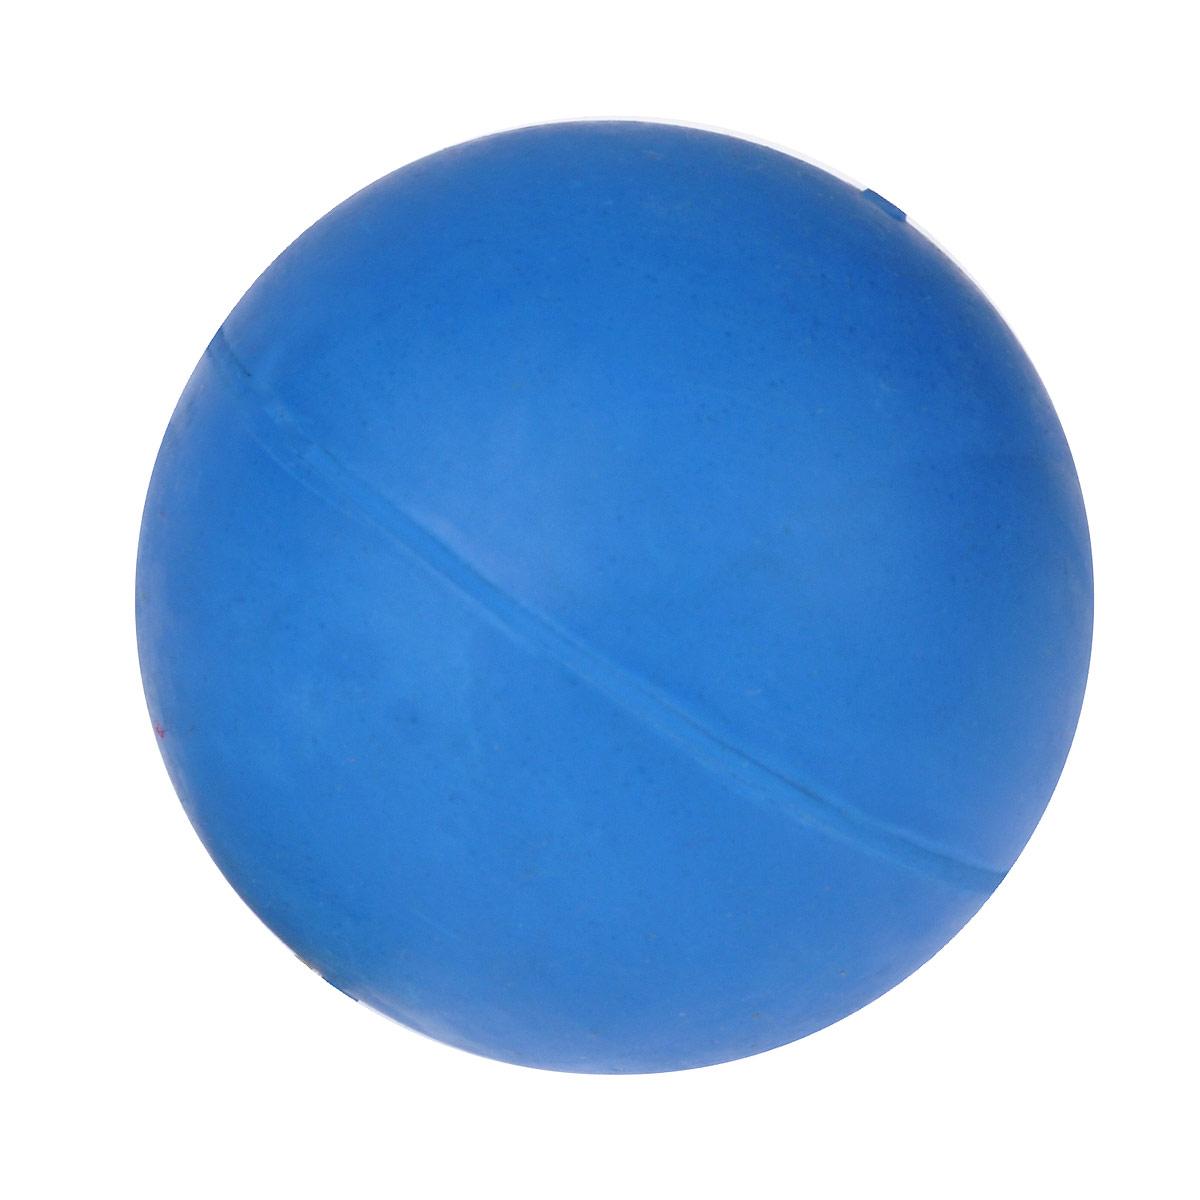 Игрушка для собак Beeztees Мяч, цвет: синий, диаметр 7,5 см0120710Игрушка для собак Beeztees Мяч изготовлена из прочной цветной литой резины. Предназначена для игр с собакой любого возраста. Такая игрушка привлечет внимание вашего любимца и не оставит его равнодушным. Диаметр: 7,5 см.